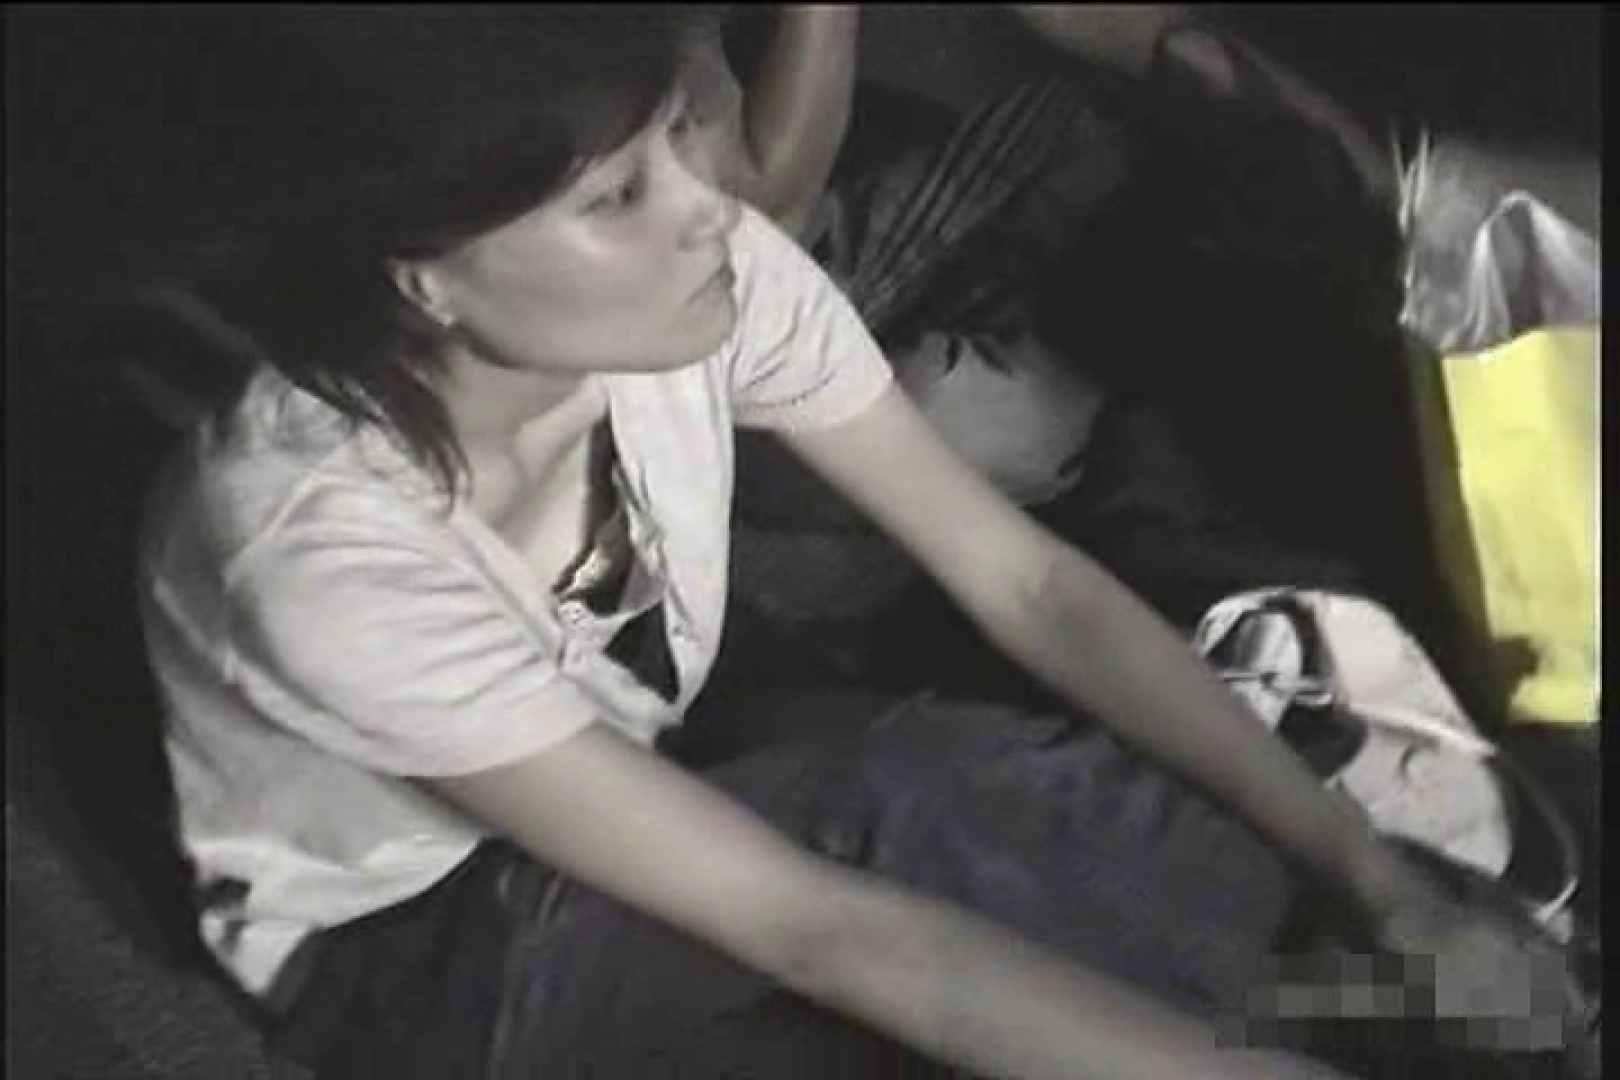 わくわく乳首探訪Vol.7 水着 オメコ動画キャプチャ 83画像 65